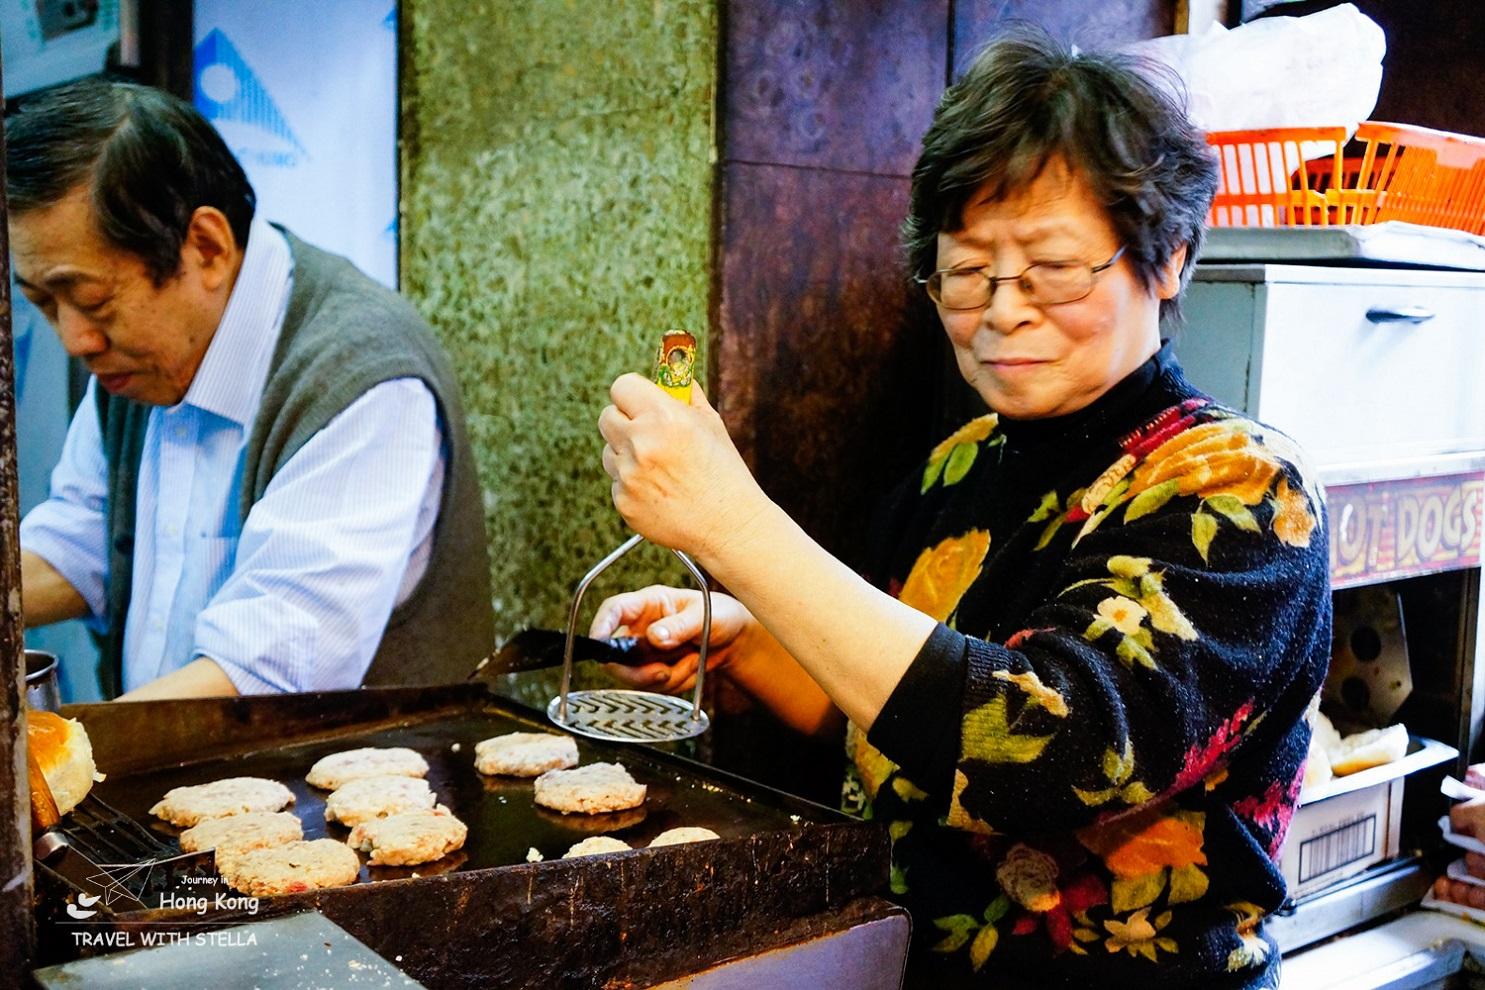 【香港食記】尋找消失中的香港味道 – 丹麥餅店